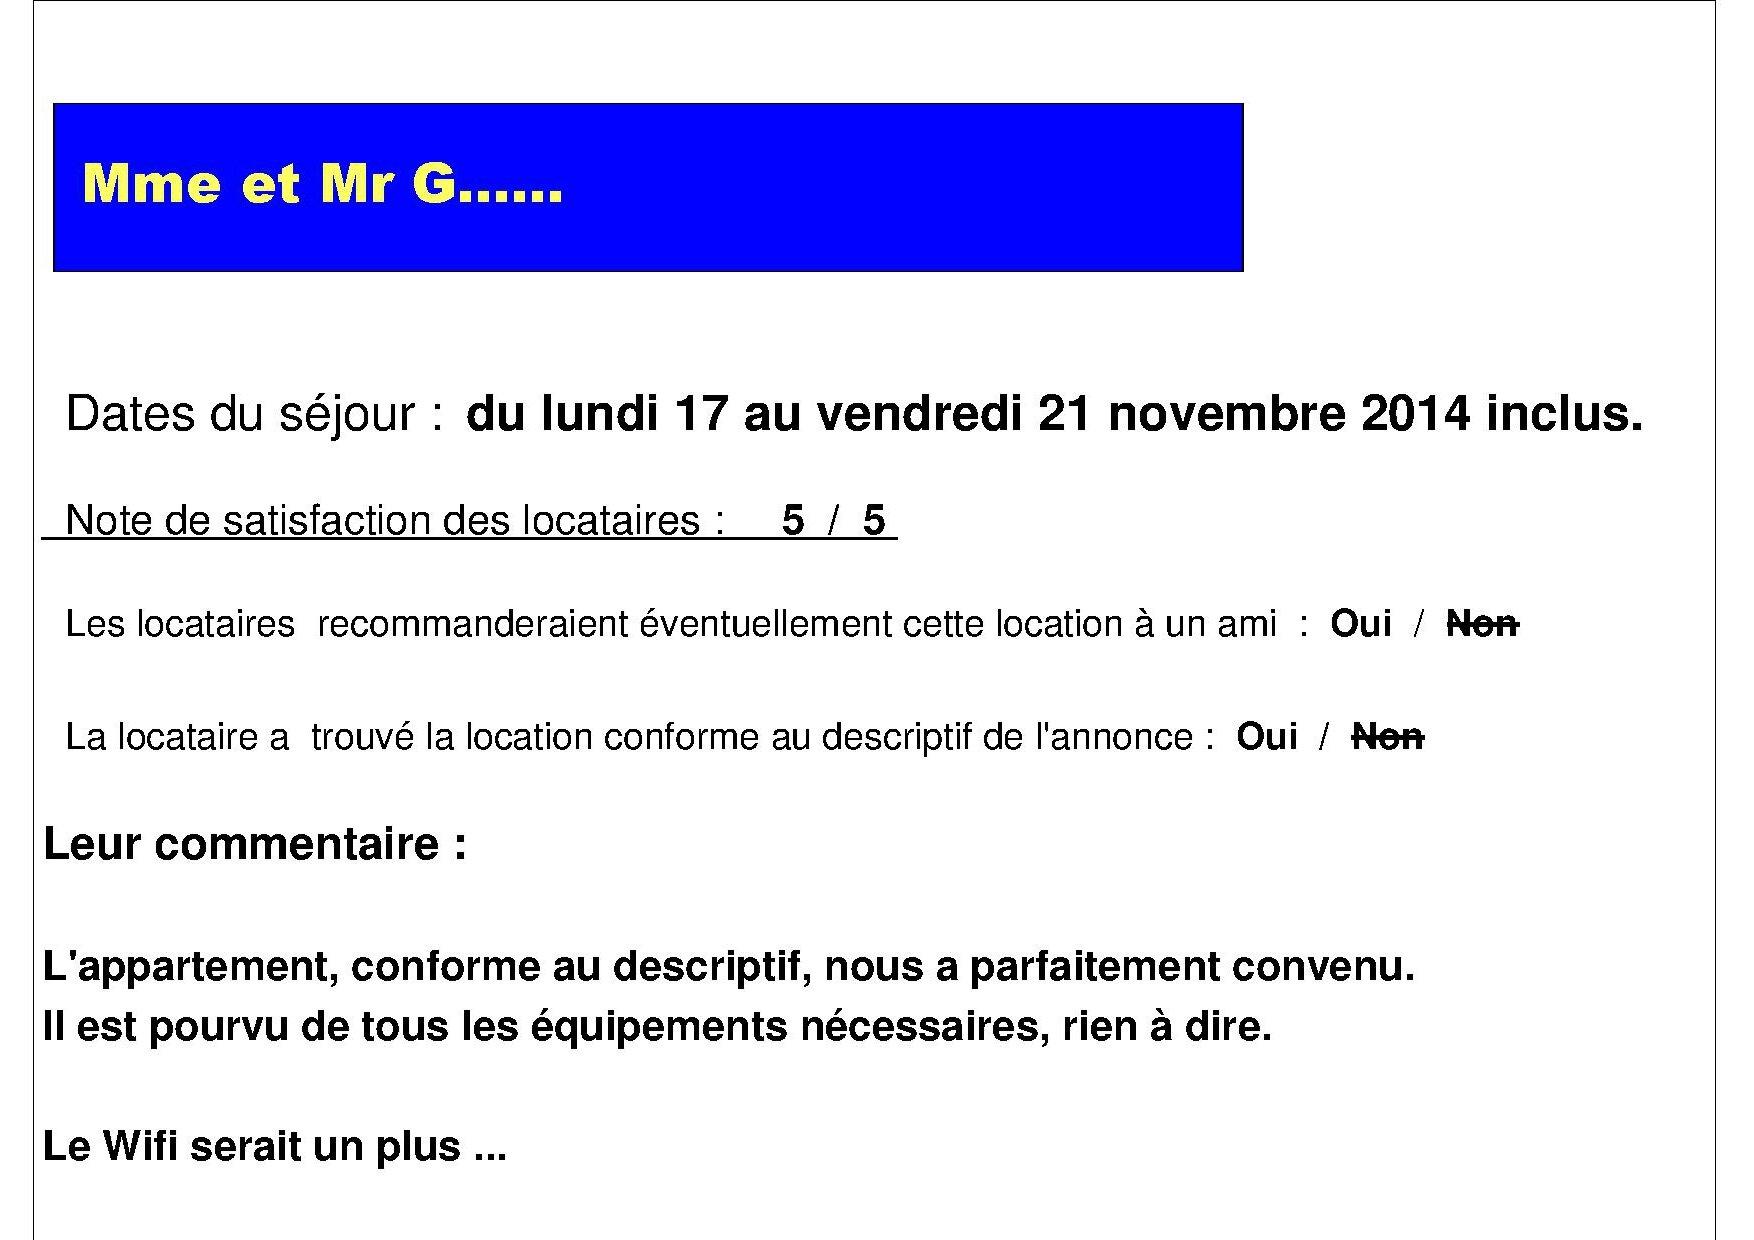 fiche appréciation mme et mr G, du 17 au 22 novembre 2014